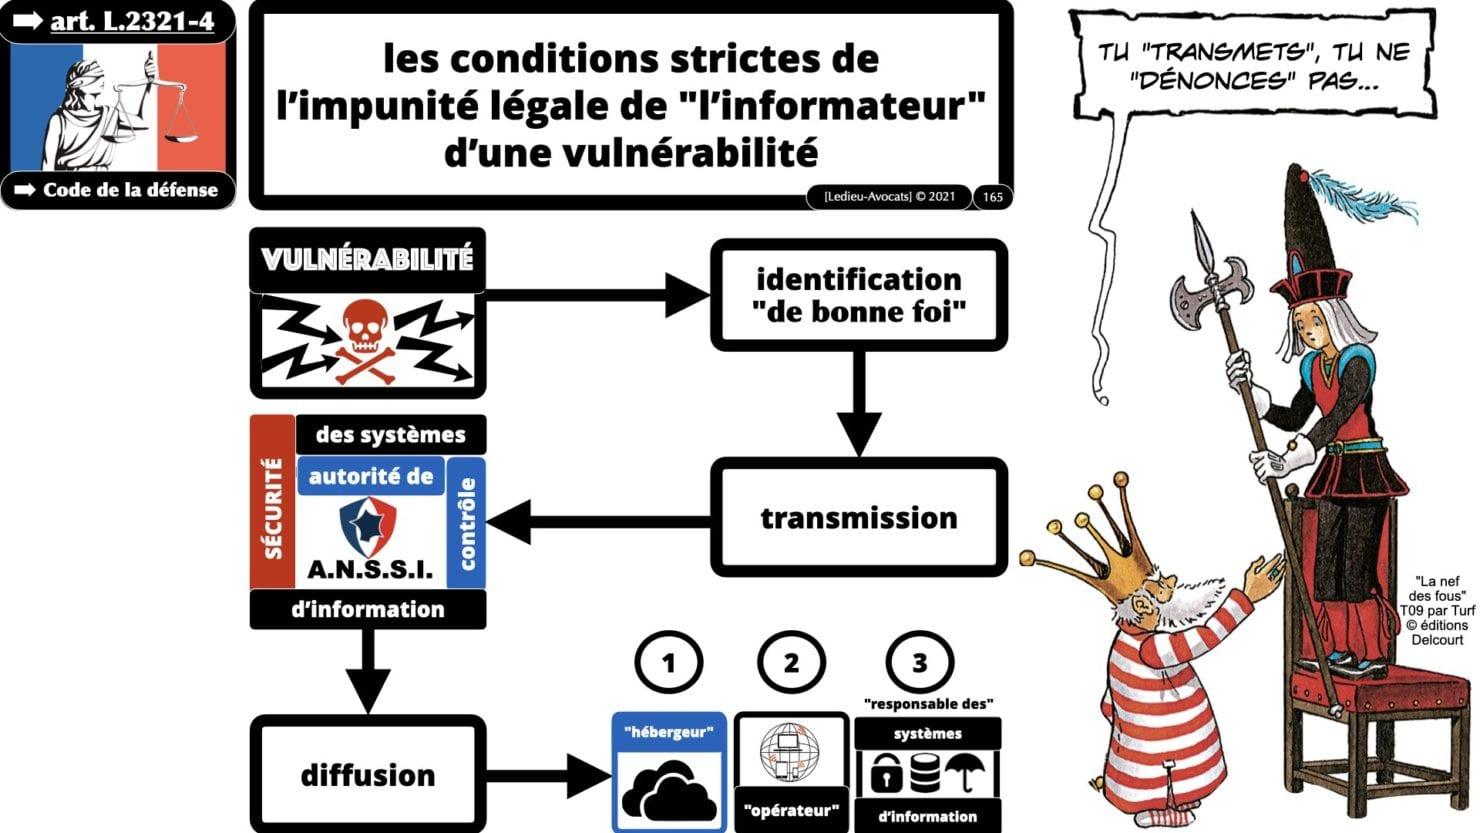 333 CYBER ATTAQUE responsabilité pénale civile contrat © Ledieu-Avocats 23-05-2021.165